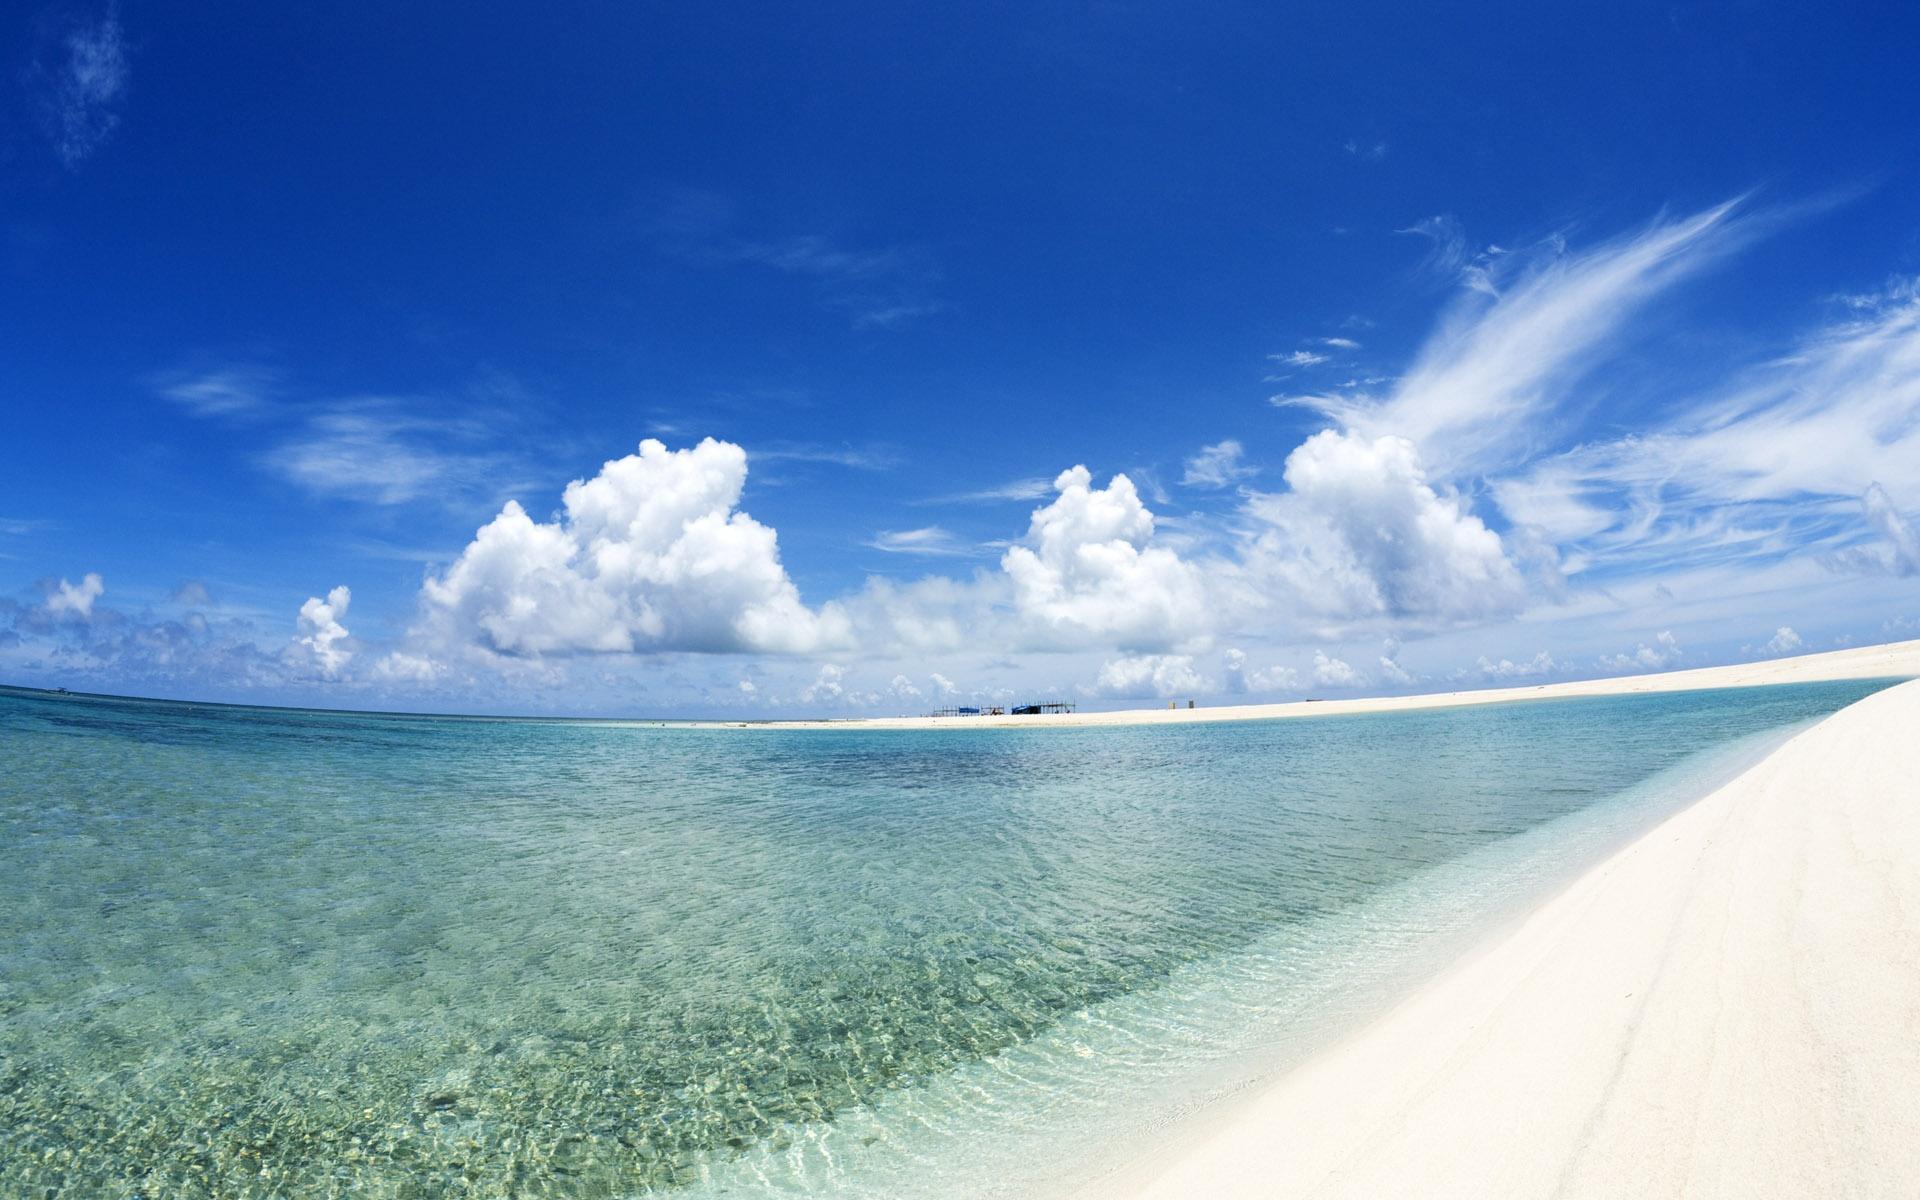 Papéis De Parede Céu Azul E Nuvens Brancas De Praia